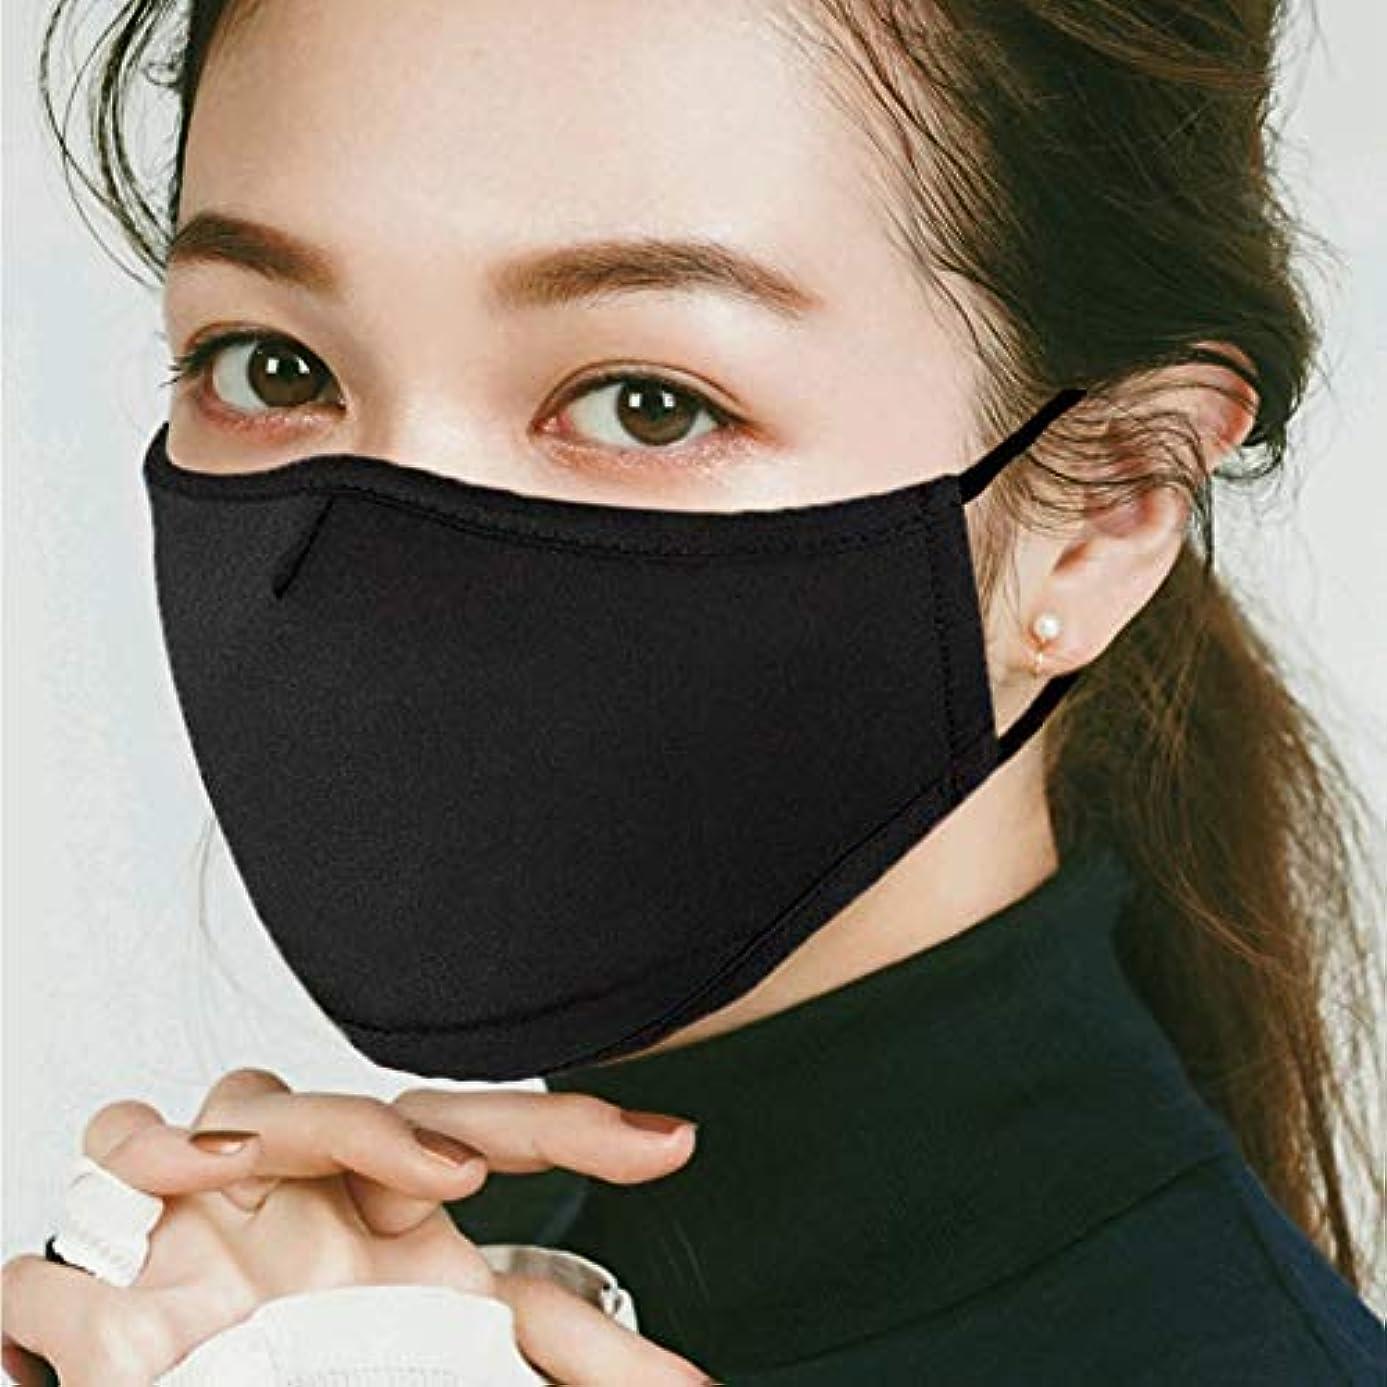 手伝う完全に継続中マスク 綿 布マスク風邪対策 予防 立体 おしゃれ 調整可能 繰り返し使え